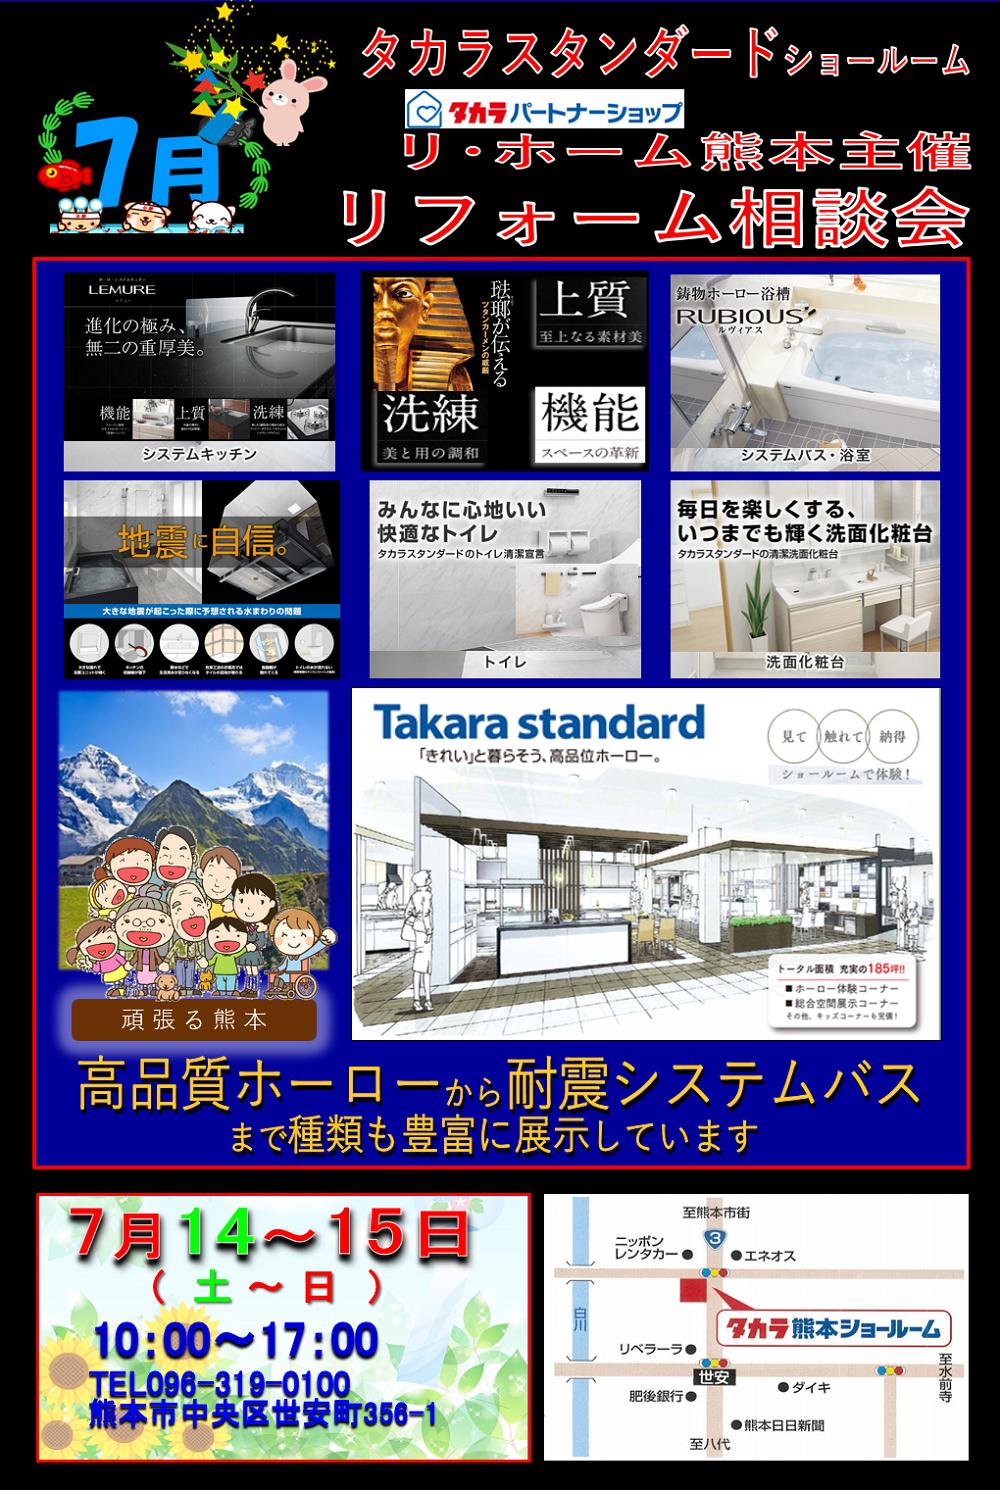 2018-07-14takarasrfair